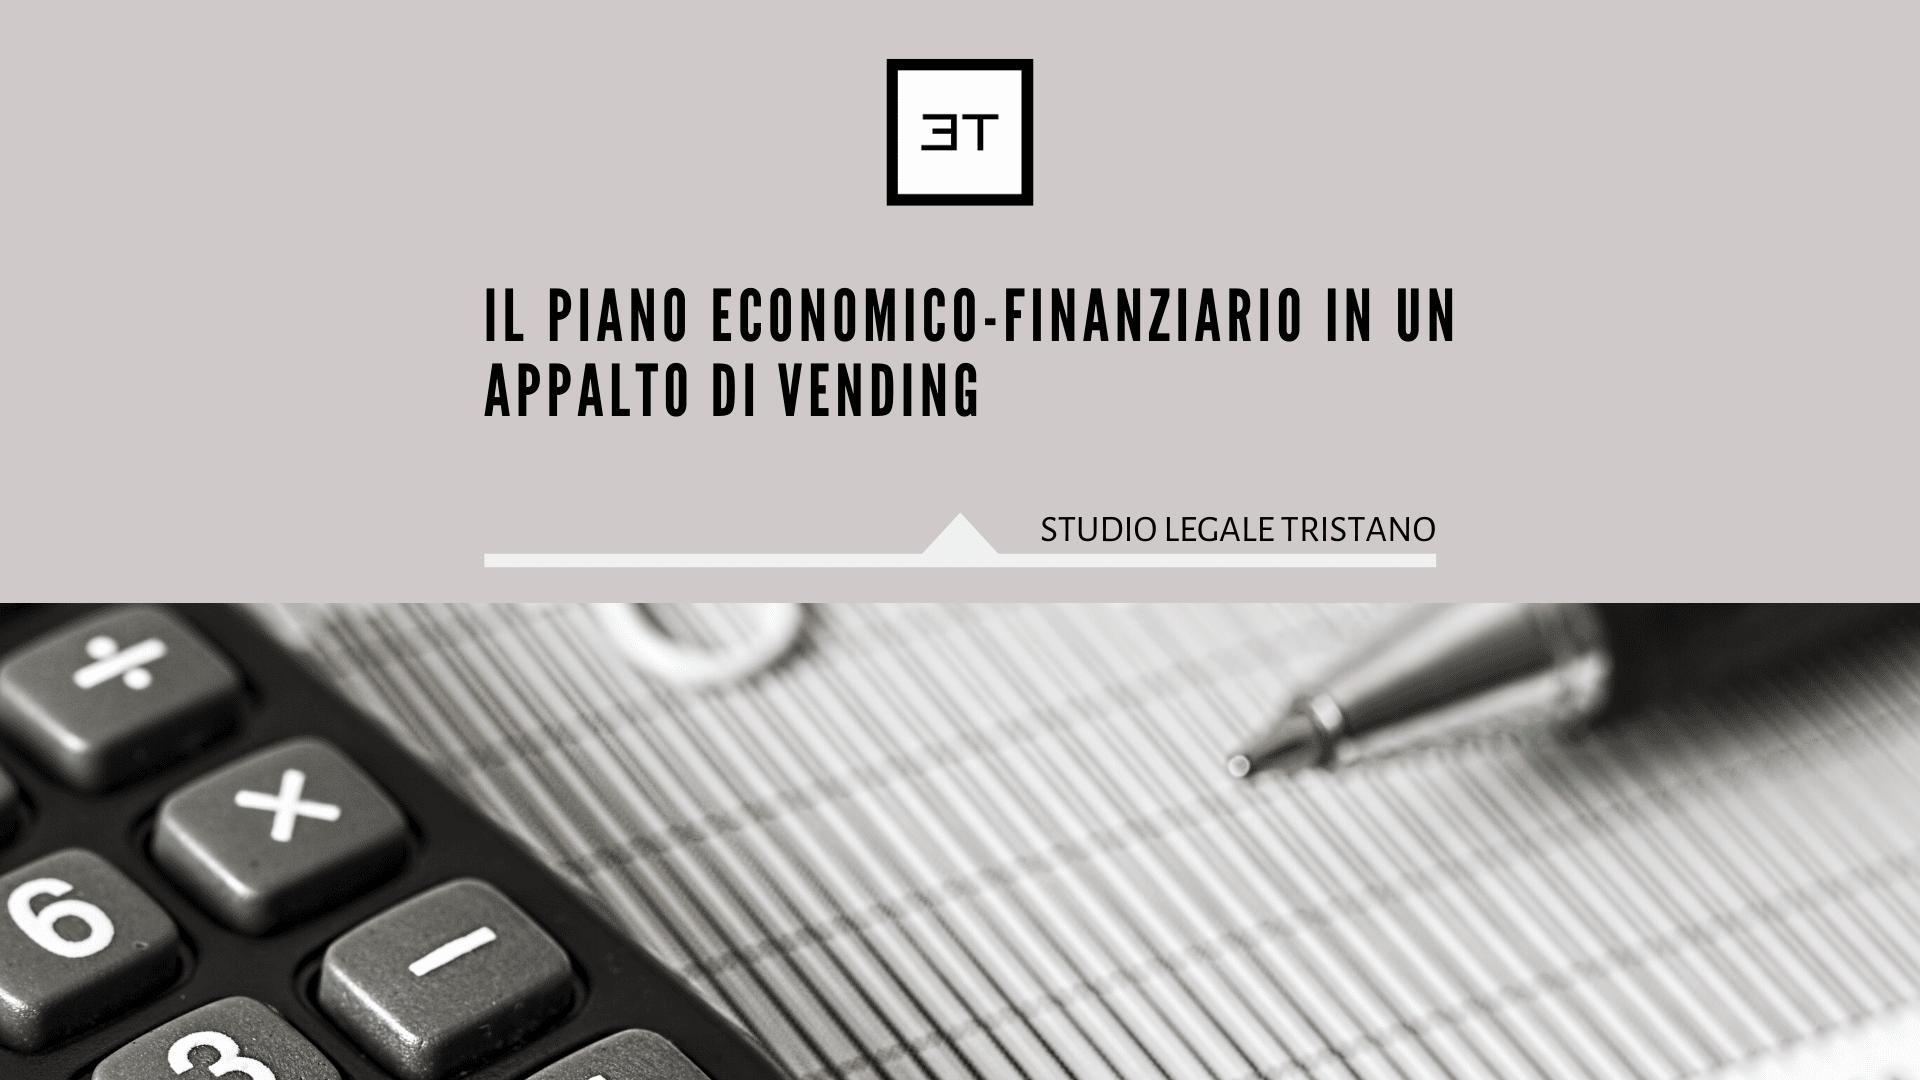 Il Piano Economico-Finanziario in un appalto di Vending